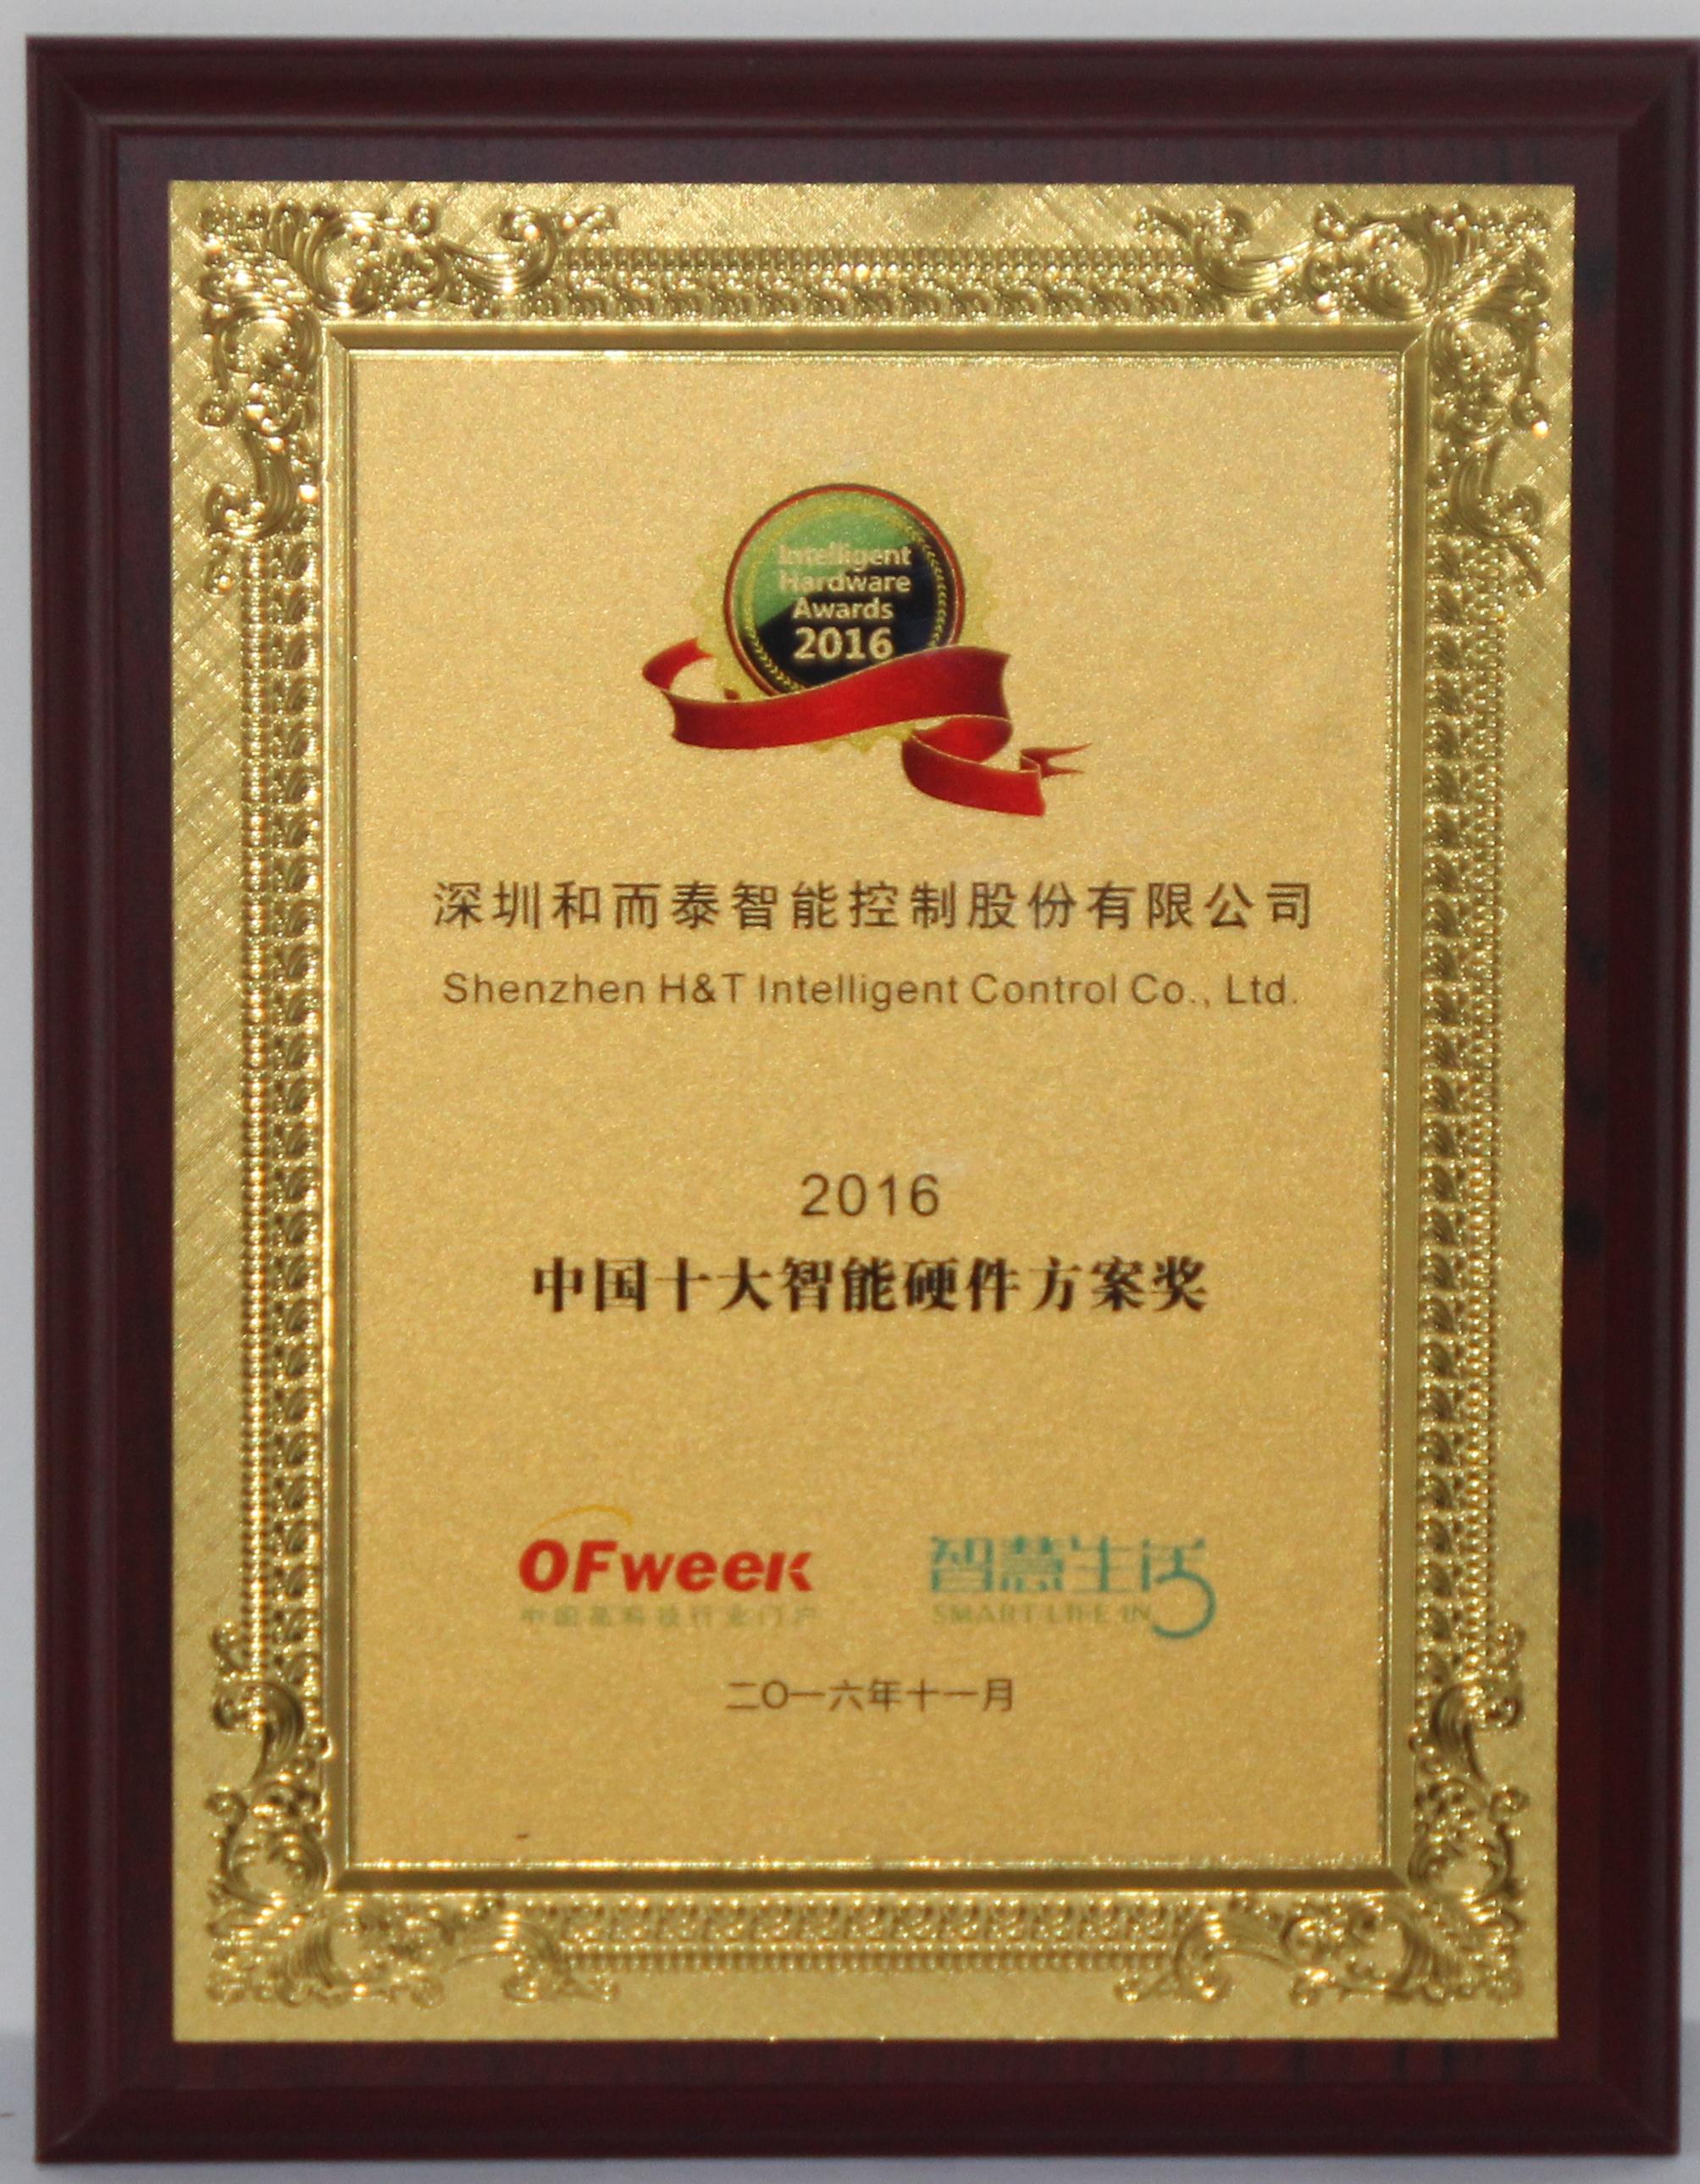 深圳和而泰智能控制股份有限公司获China Intelligent Hardware Awards 2016中国十大智能硬件方案奖